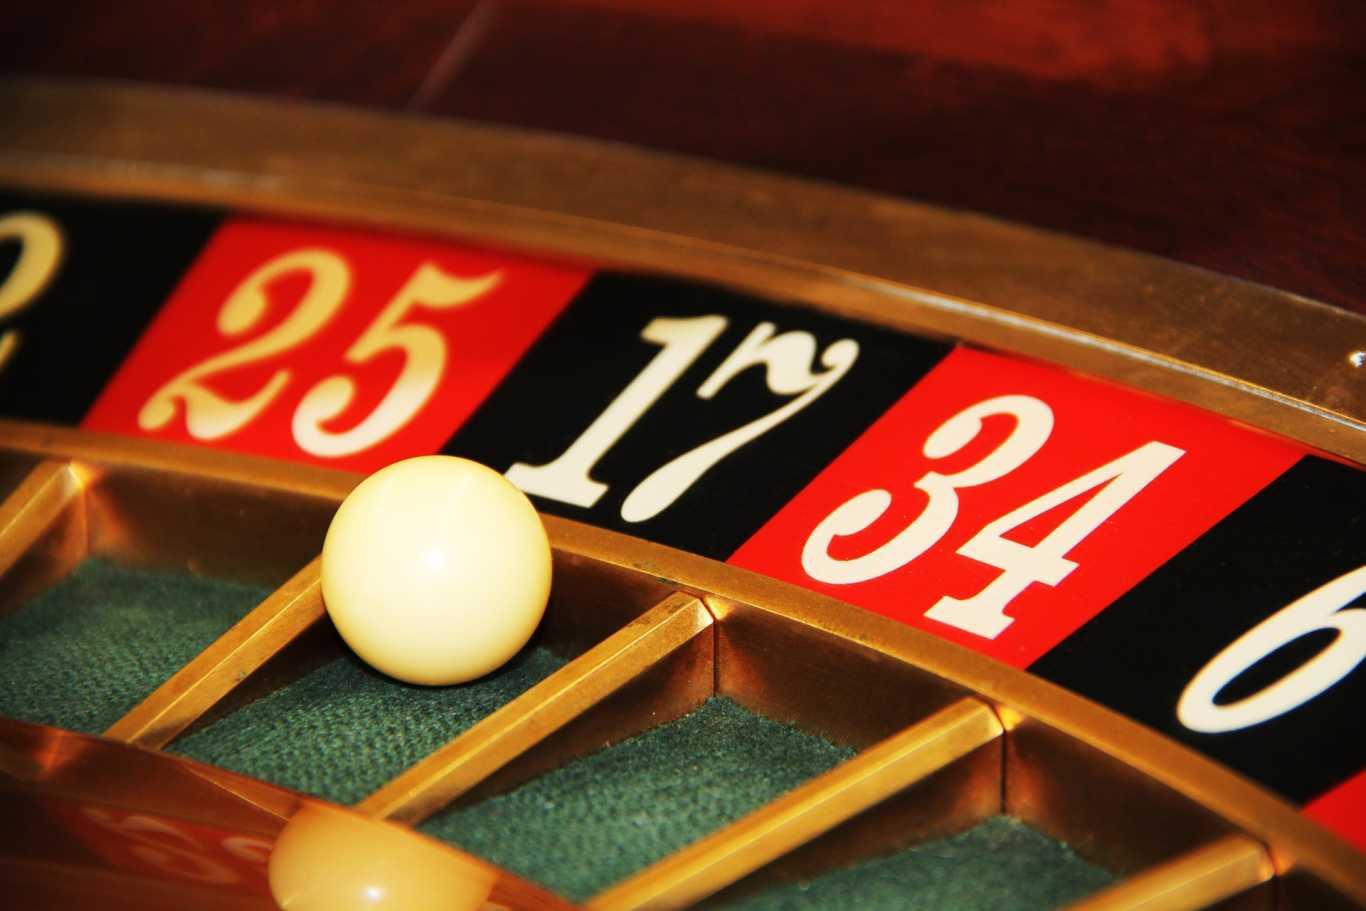 1xBet bonus promo code for Casino